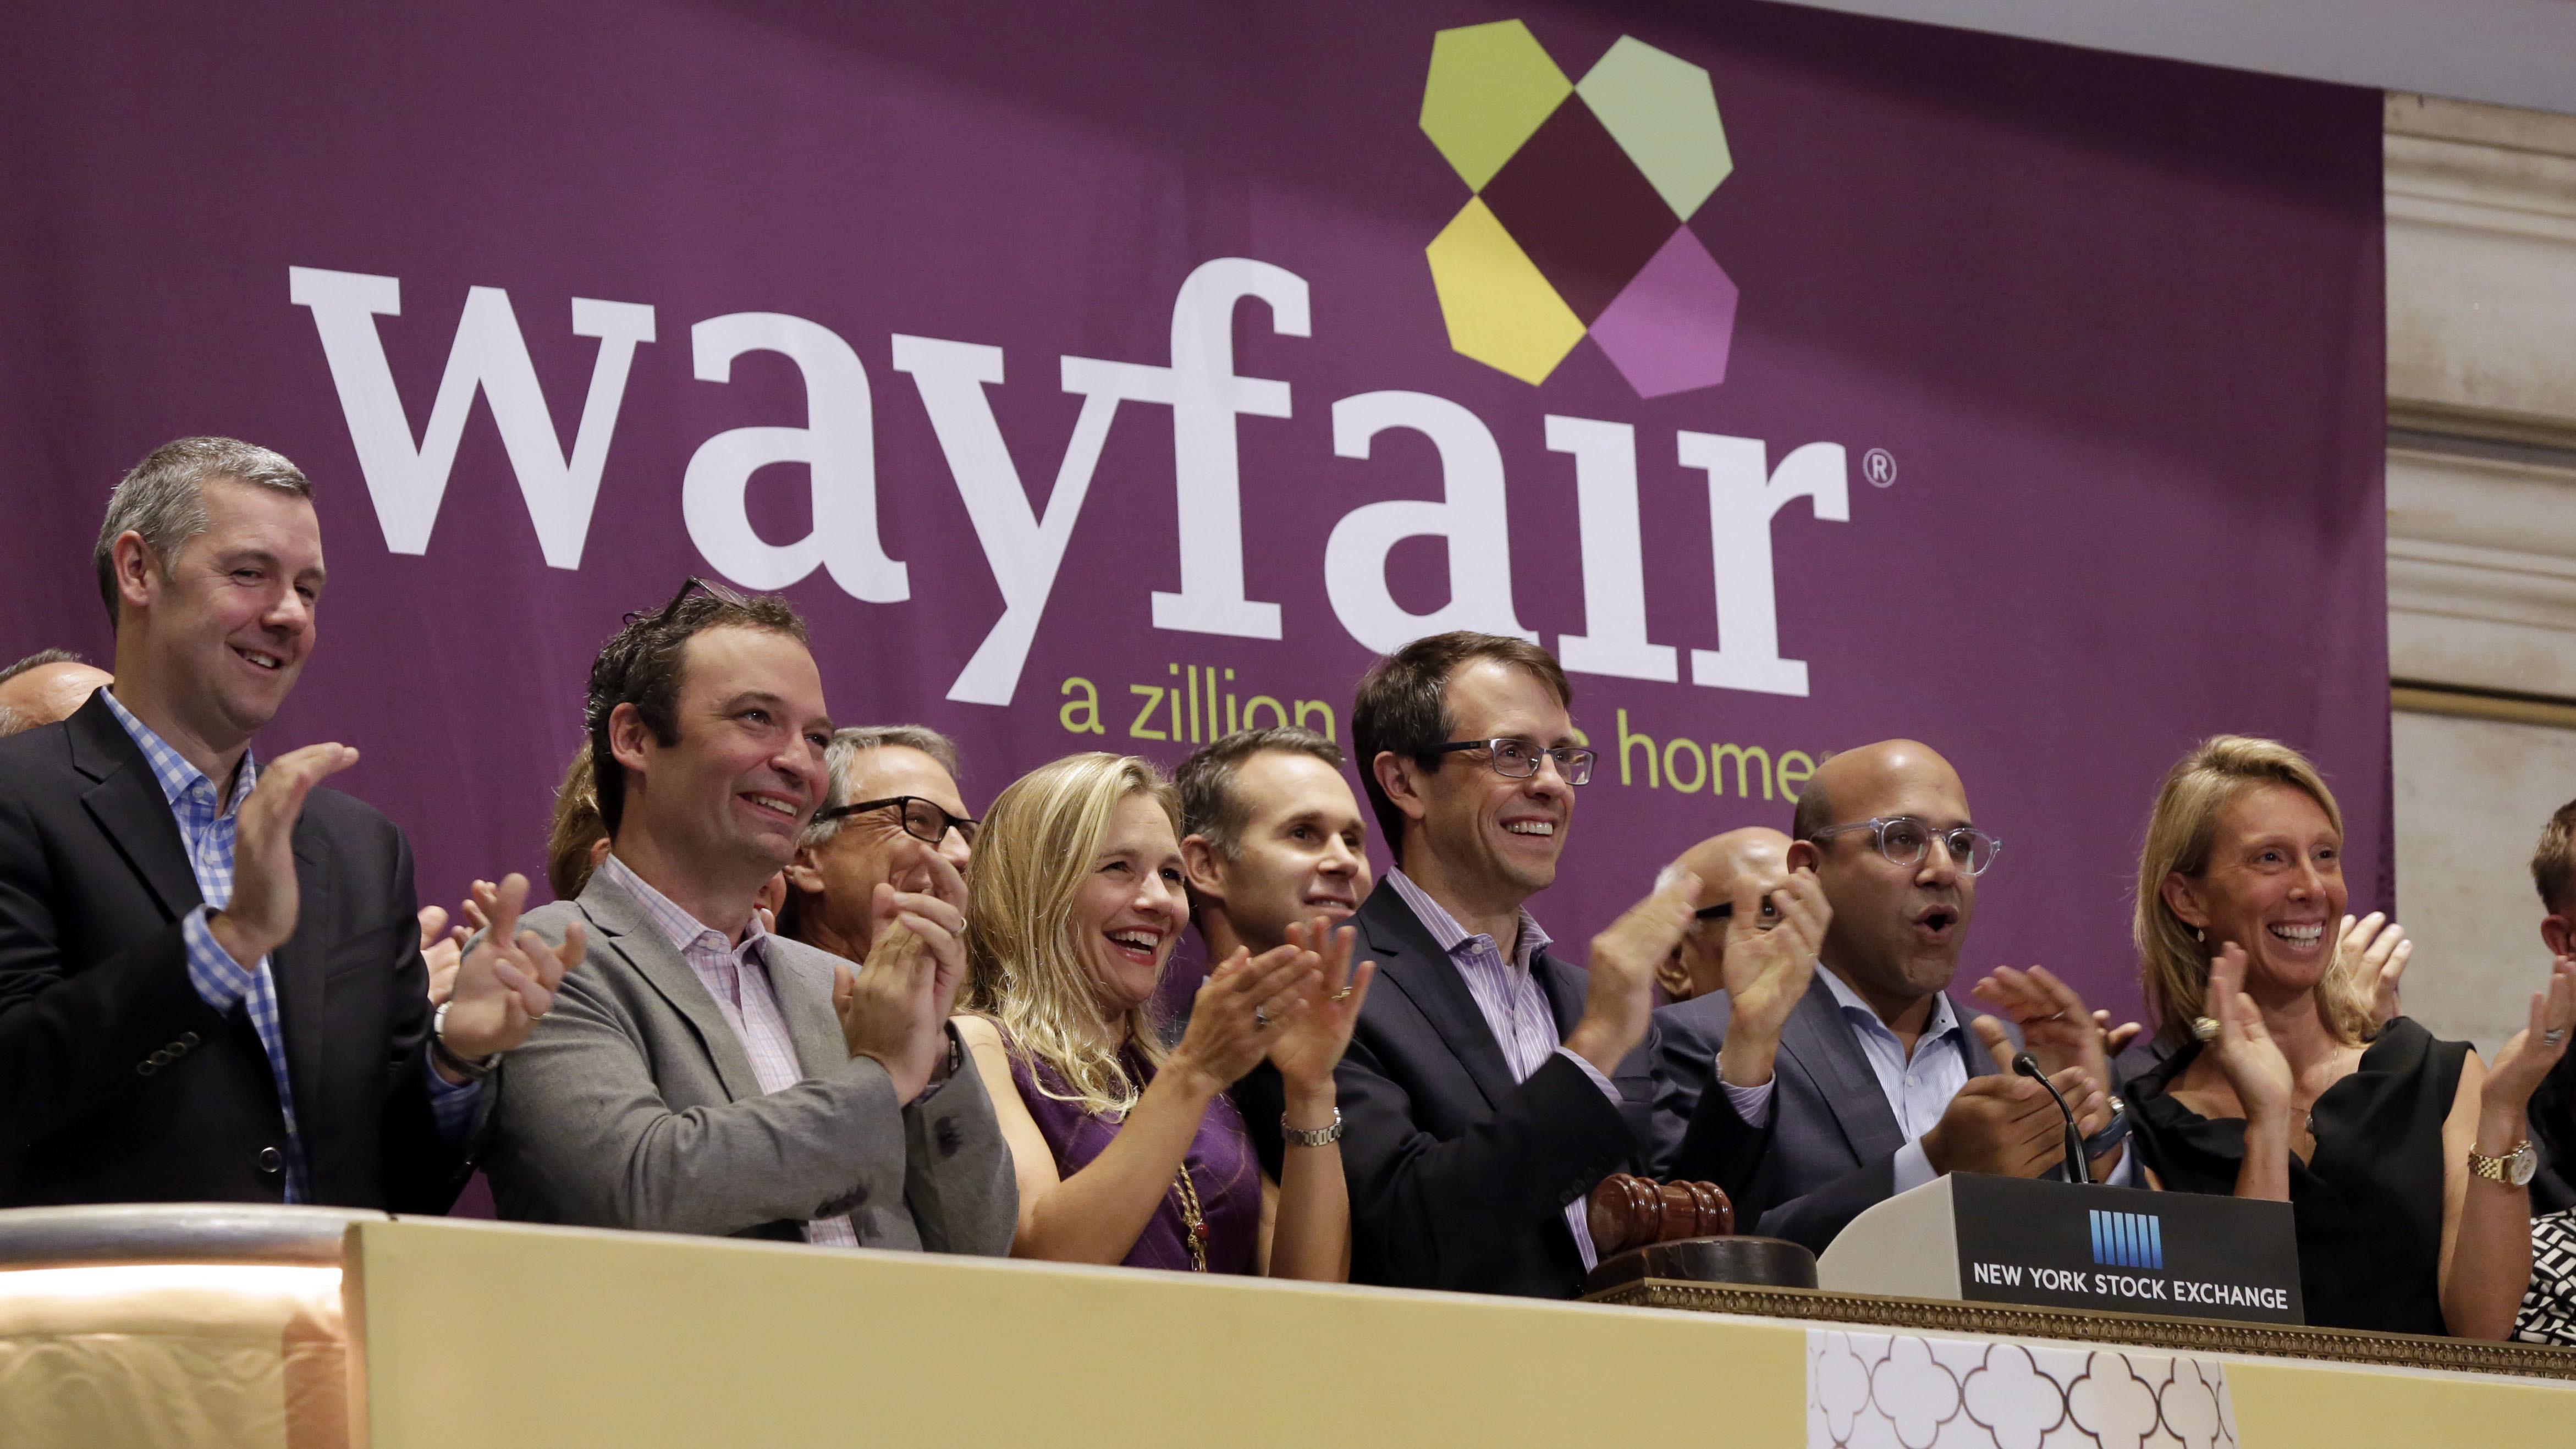 Wayfair, Amazon, Walmart, and Sears all sell the same